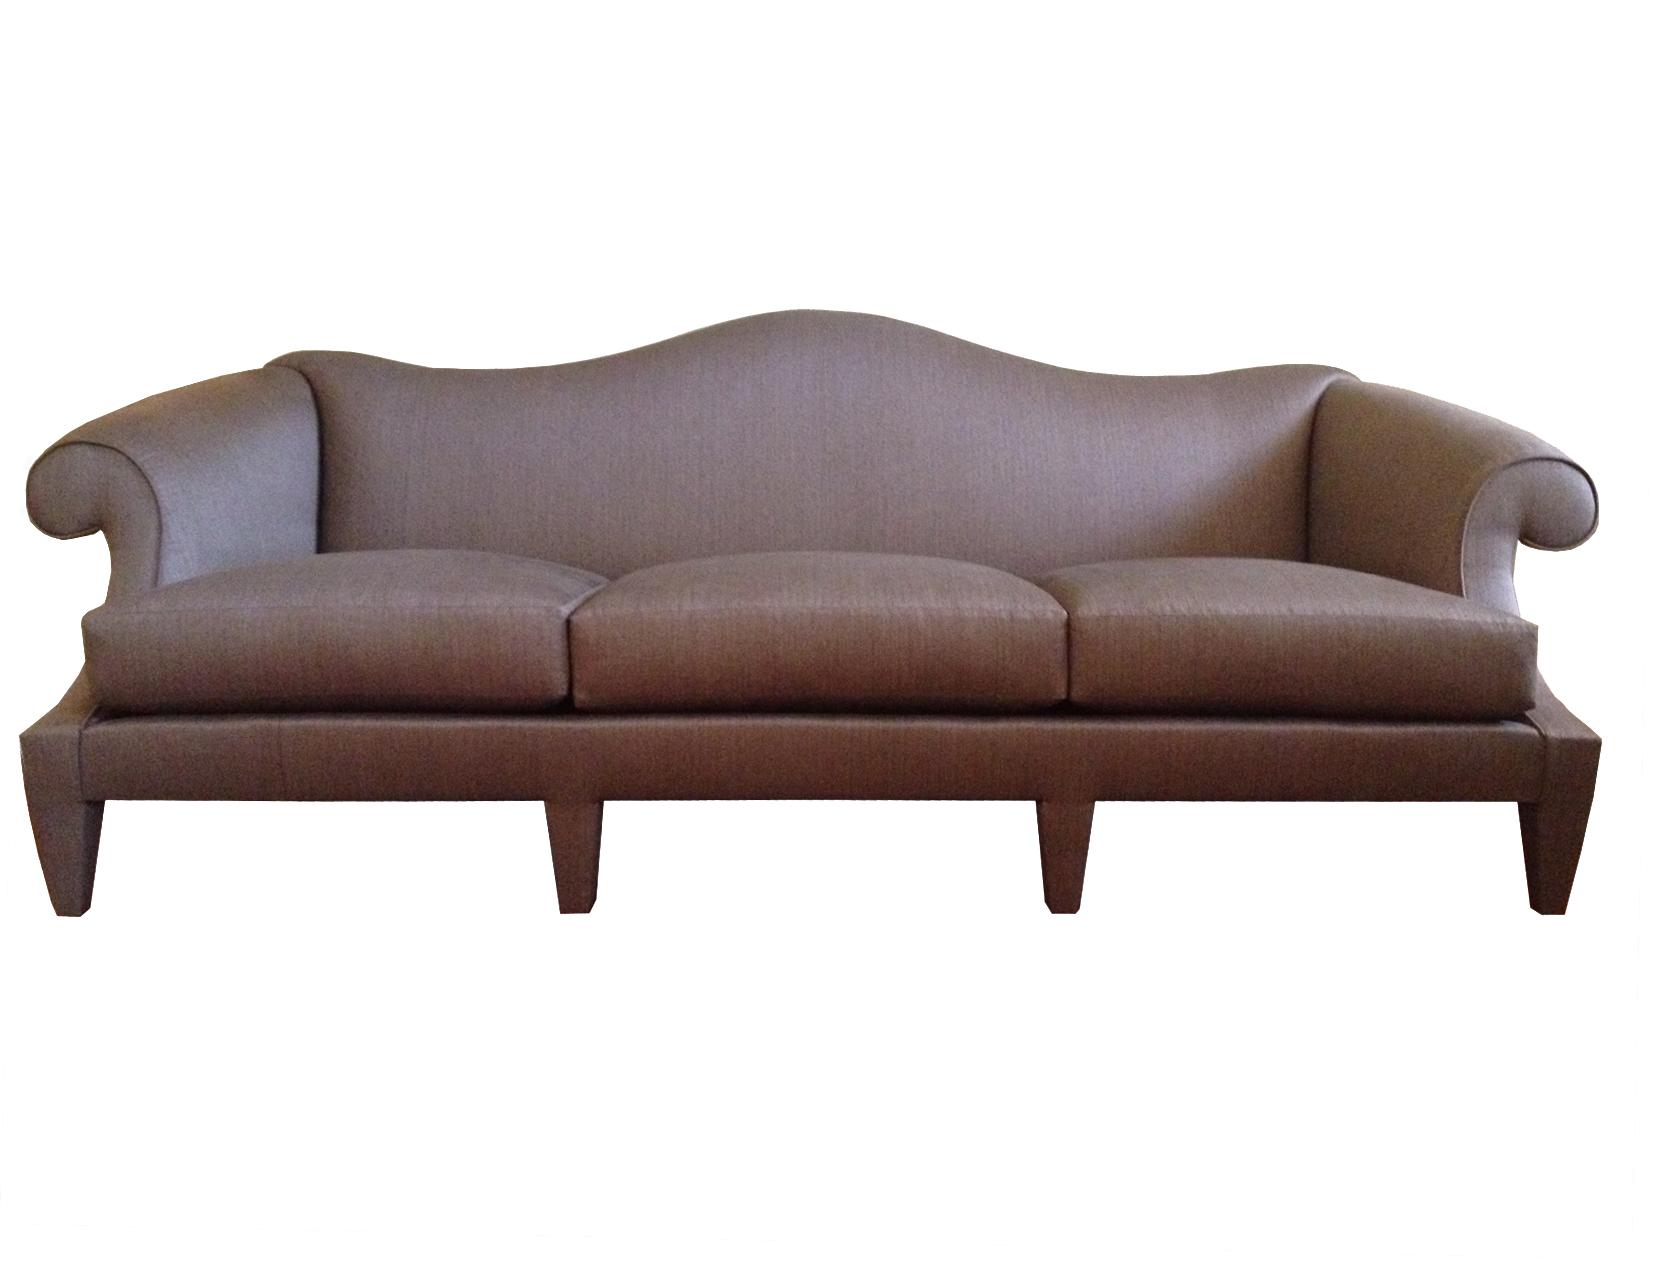 Ideas For Camelback Sofas 2015 | Home Design Ideas